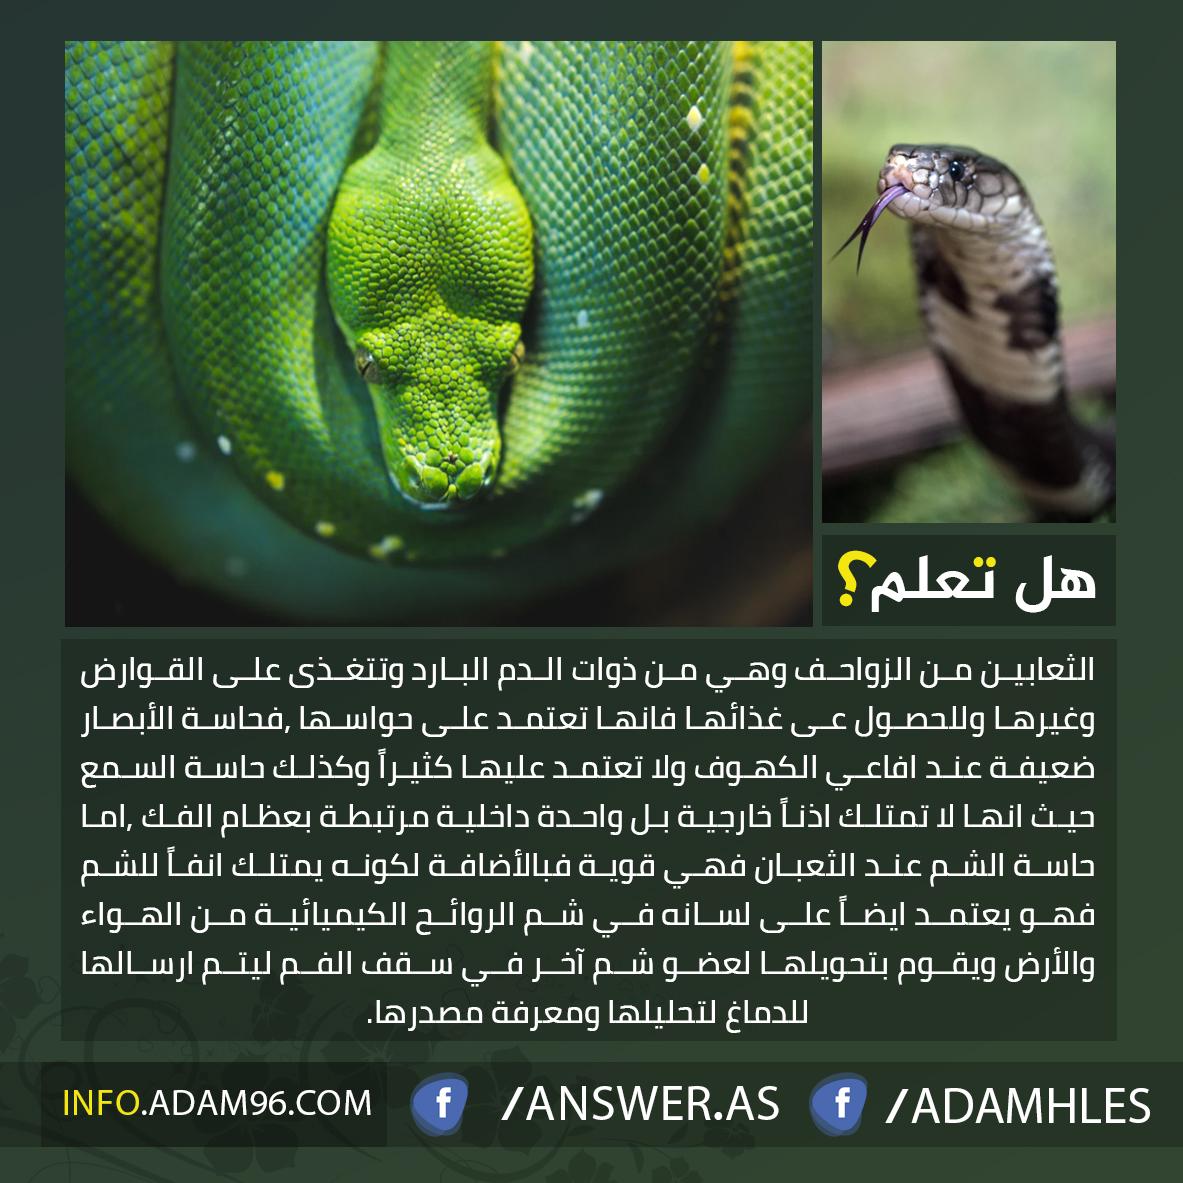 معلومات مدهشة عن الثعابين